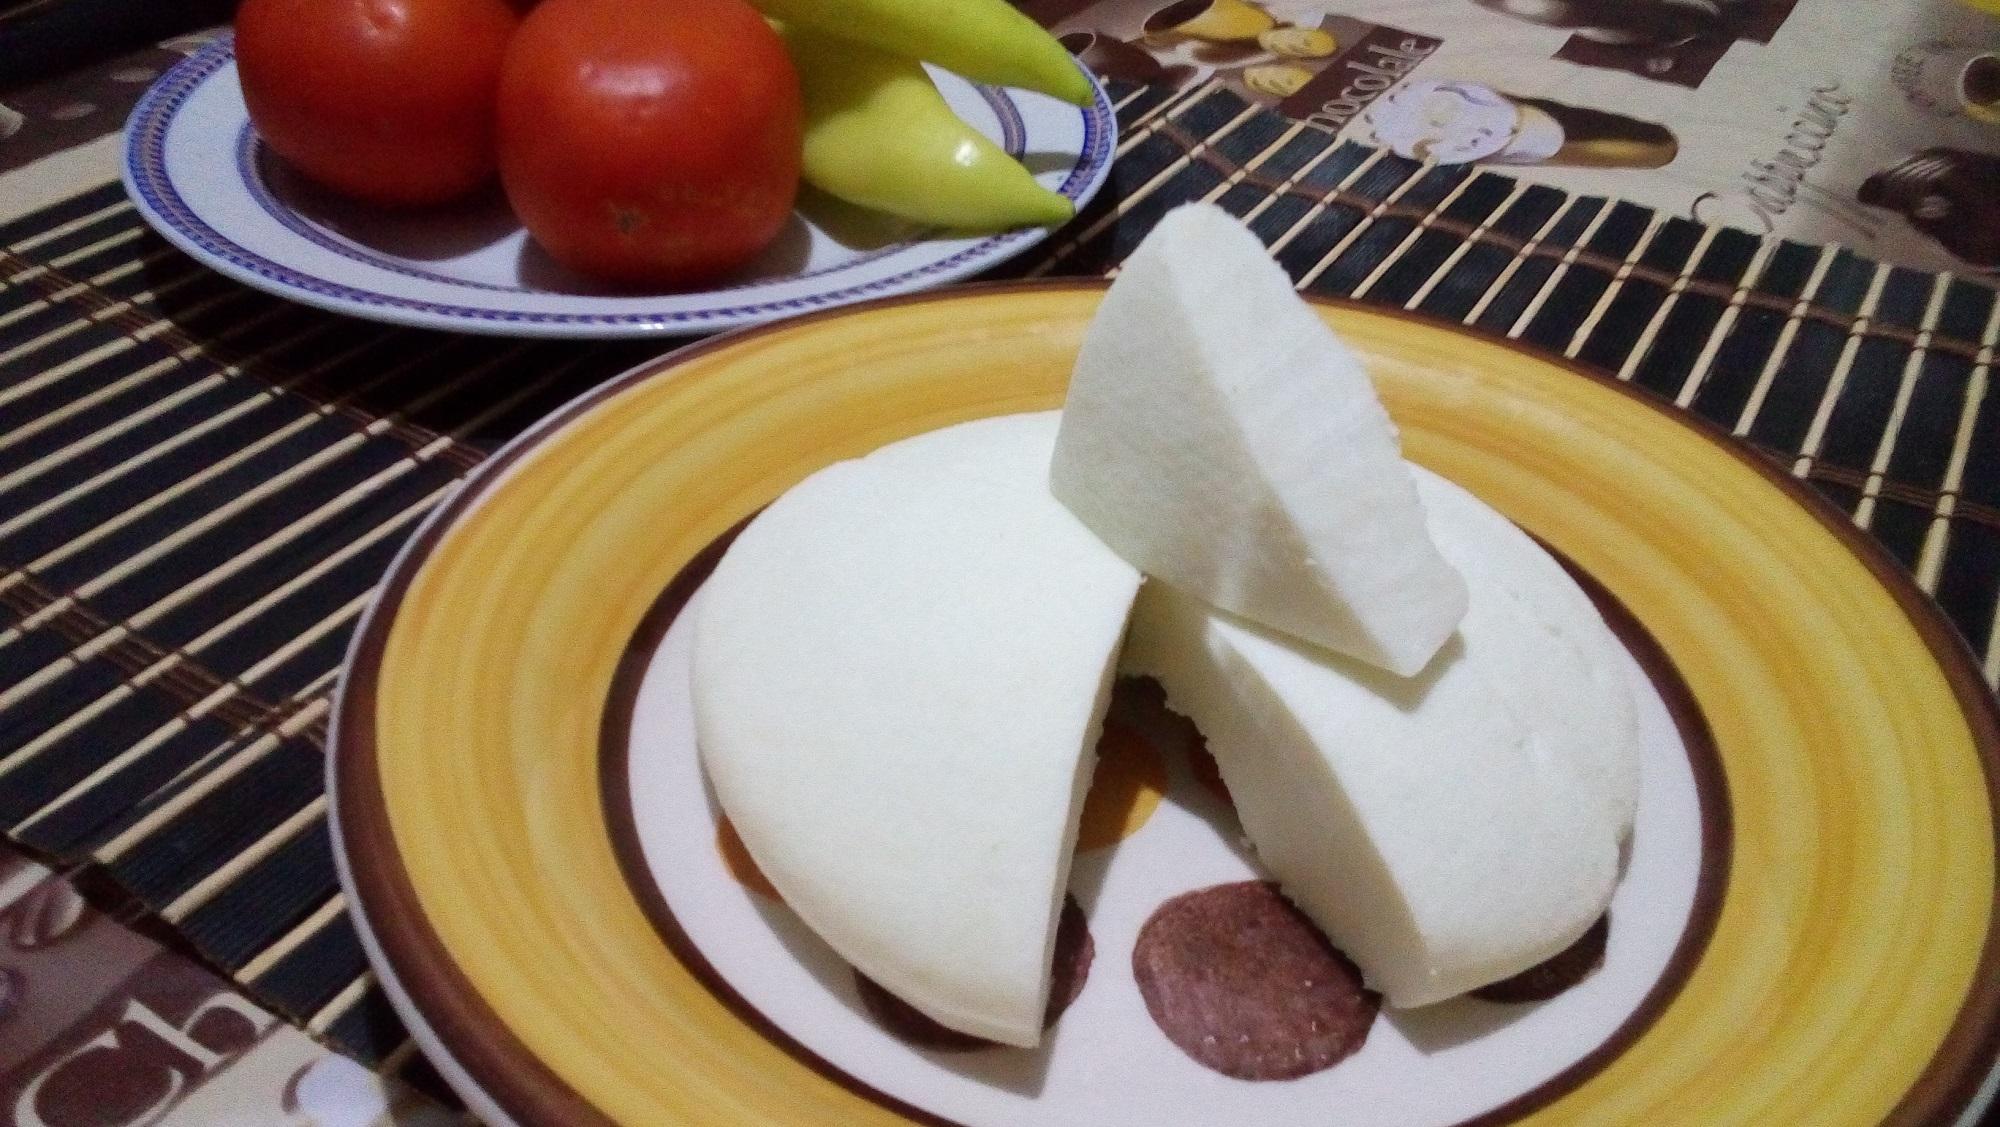 أبيض منزلي سهل و طعمه رائع جداااا - جبن أبيض منزلي سهل و طعمه رائع جداااا